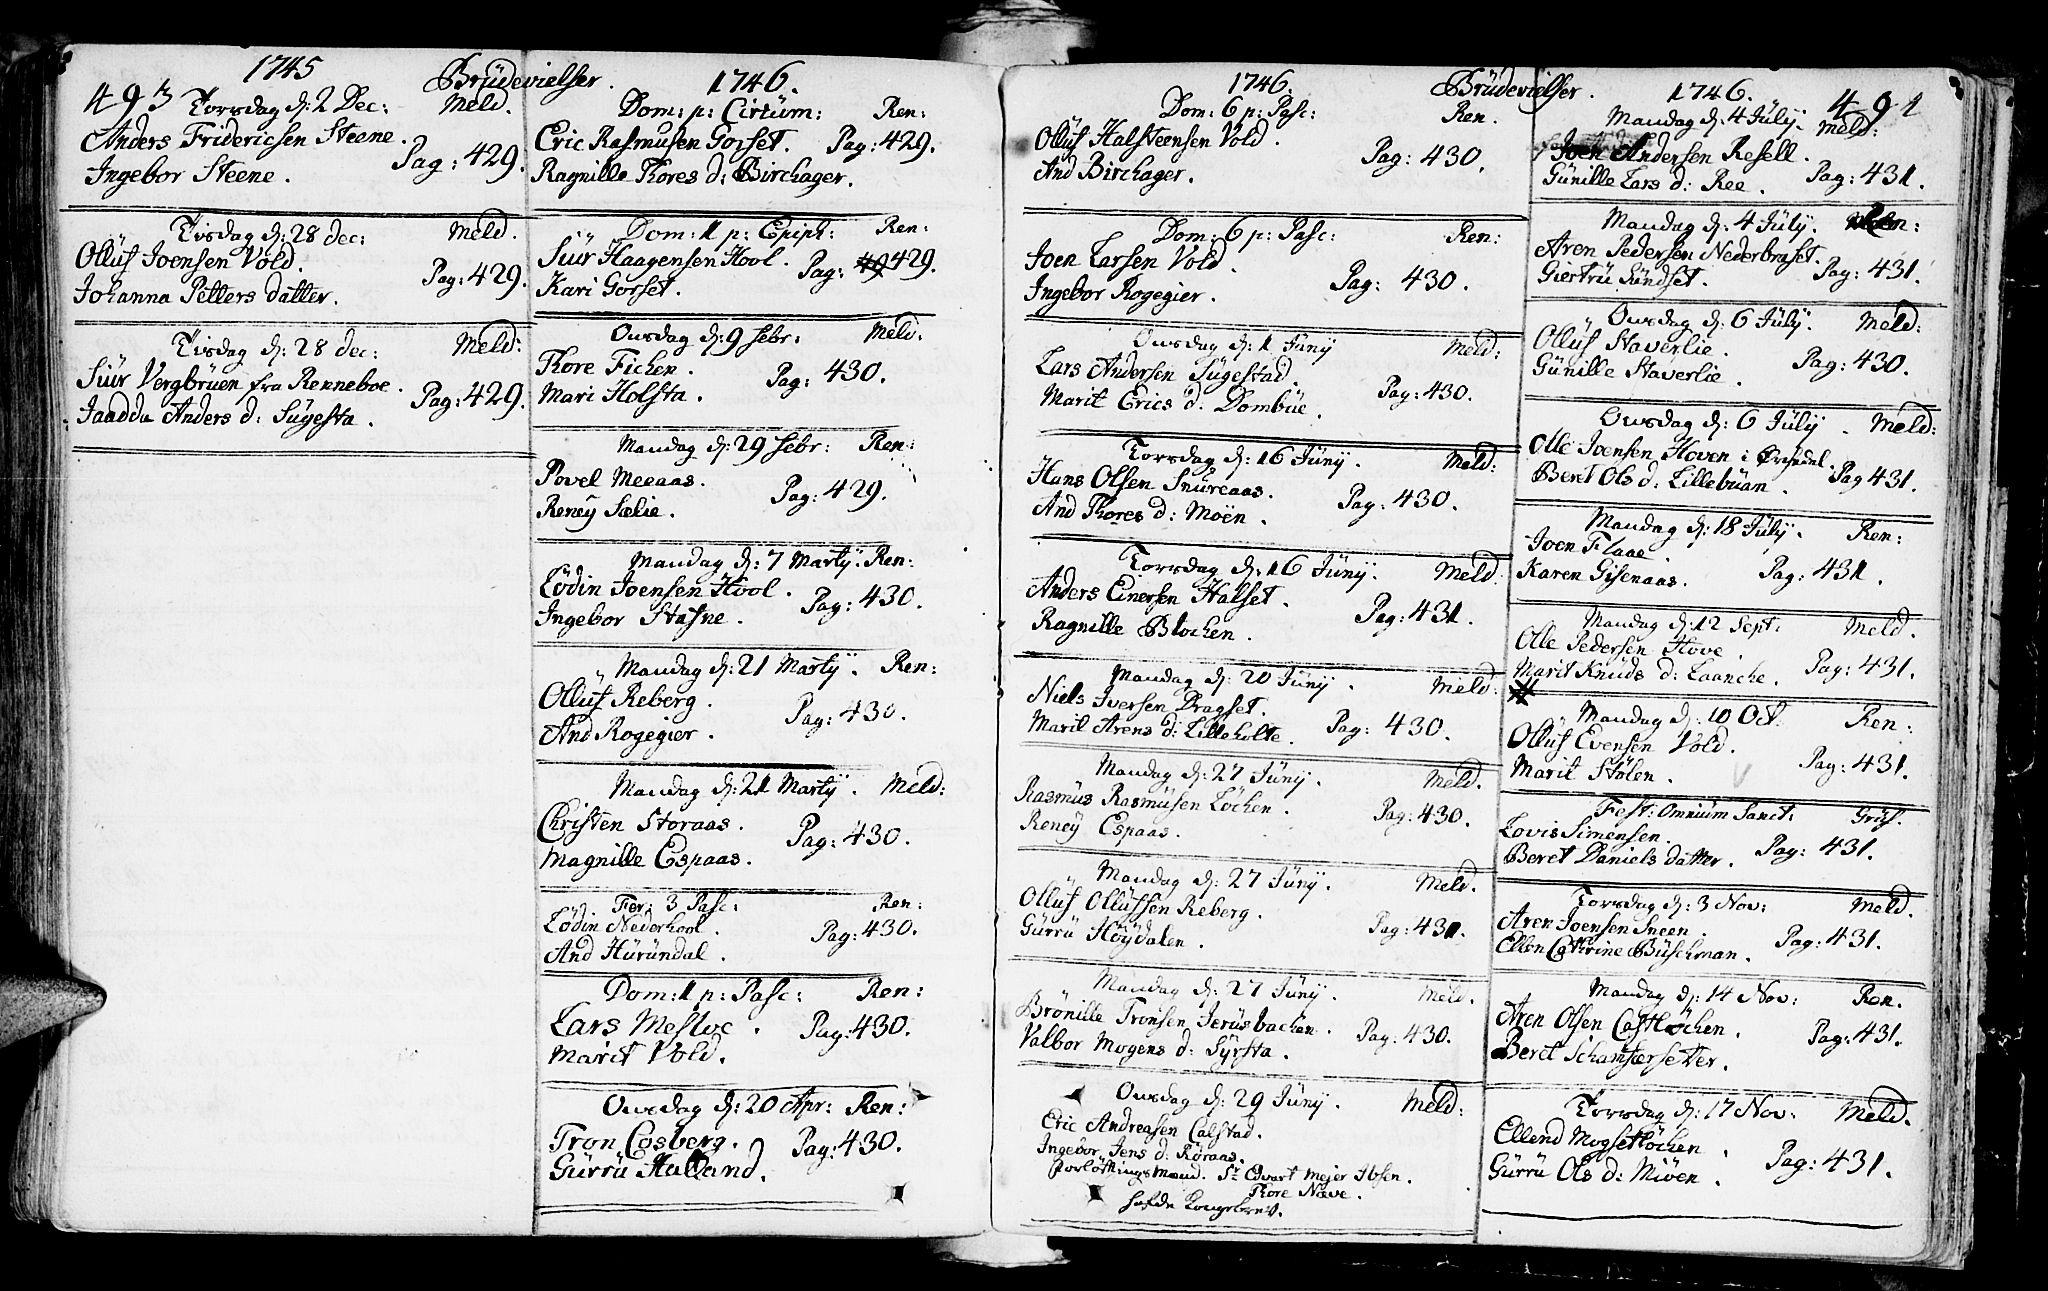 SAT, Ministerialprotokoller, klokkerbøker og fødselsregistre - Sør-Trøndelag, 672/L0850: Ministerialbok nr. 672A03, 1725-1751, s. 493-494